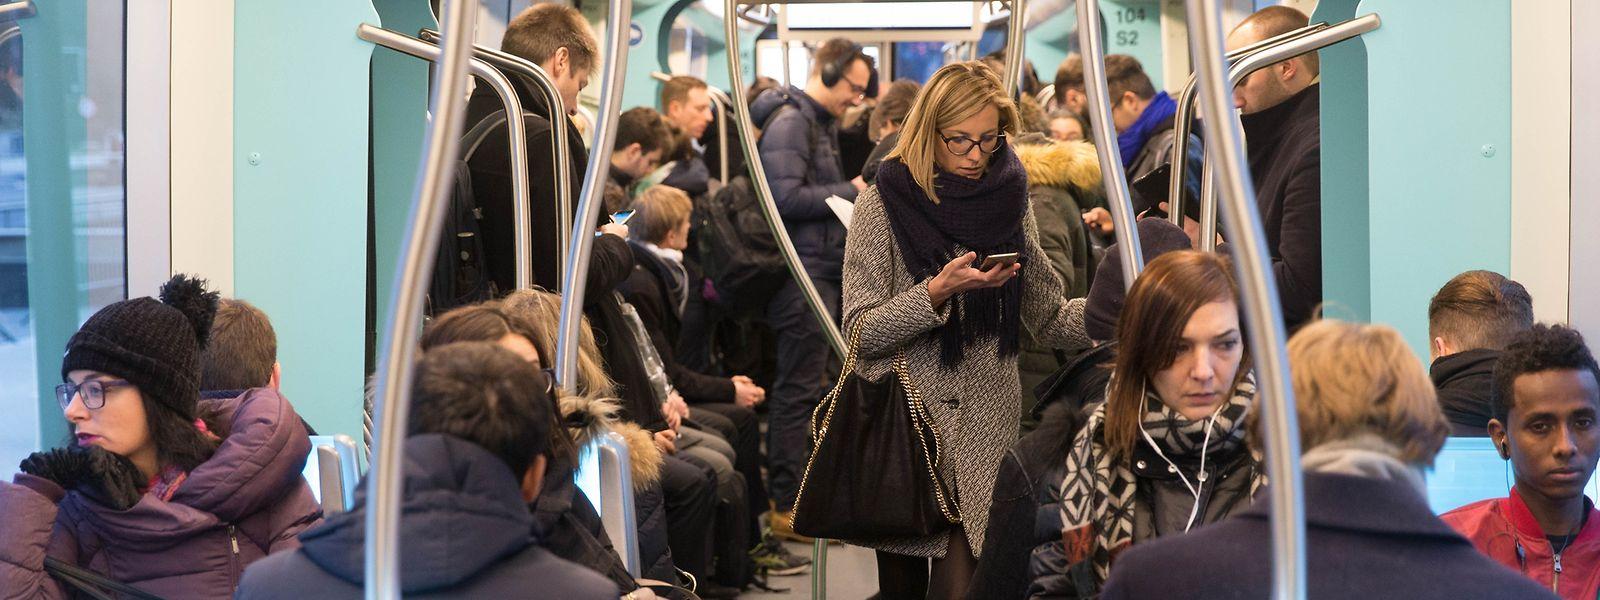 Entre fin 2017 et fin 2018, la population de Luxembourg-Ville s'est agrandie de 3.000 personnes. C'est l'équivalent de 7 rames de tram bondées !